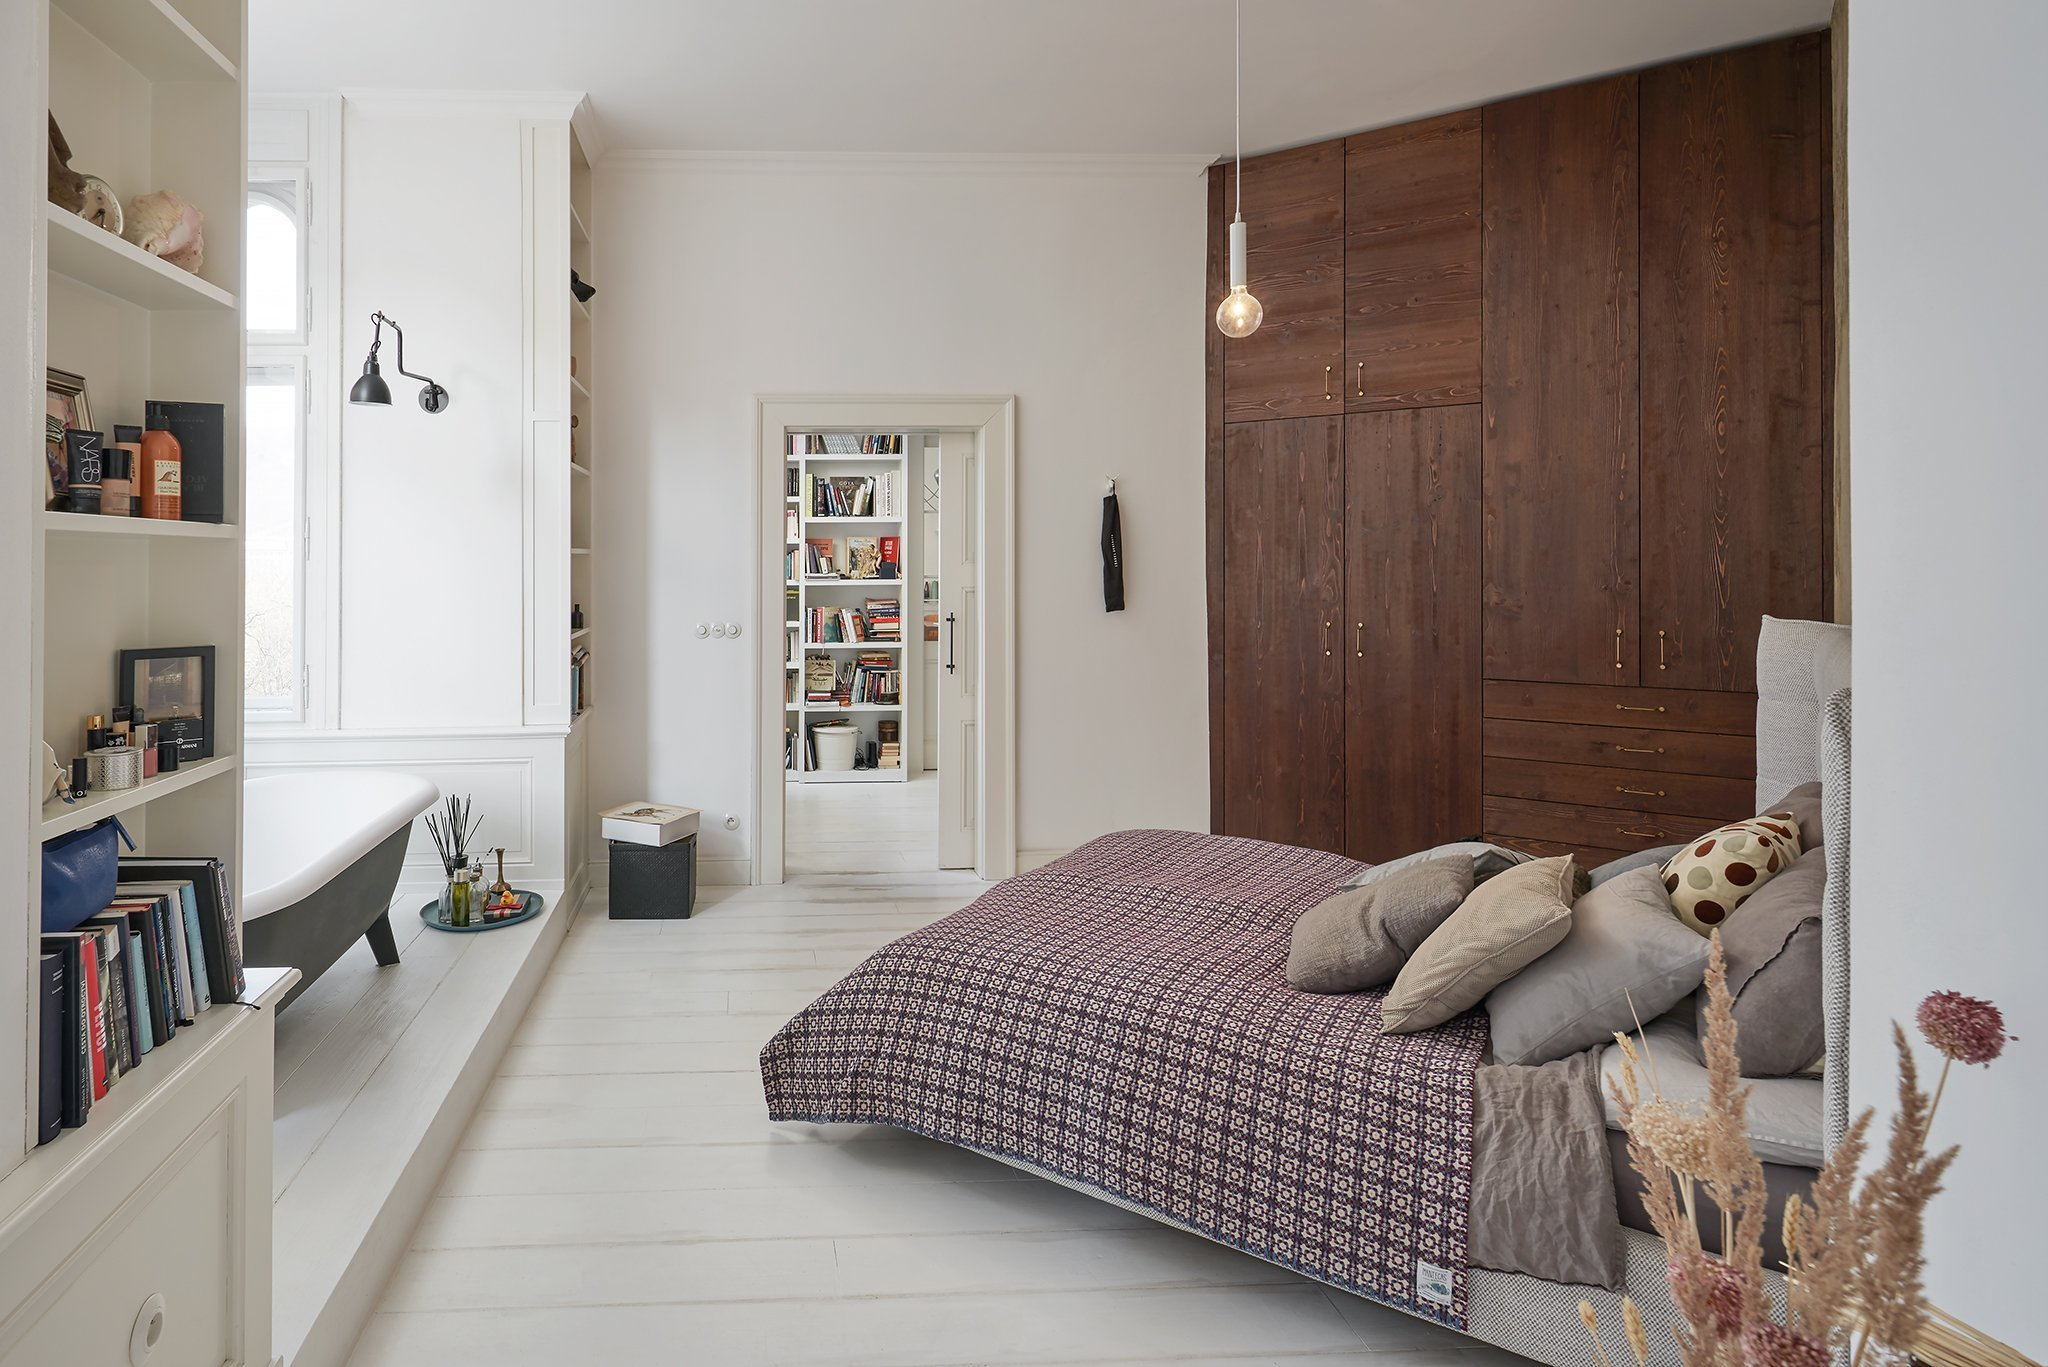 Původní velkorysý byt za dob normalizace necitlivě rozdělen na dvě bytové jednotky, které byly ve velmi špatném stavu. Rekonstrukcí došlo ke spojení obou bytů.…